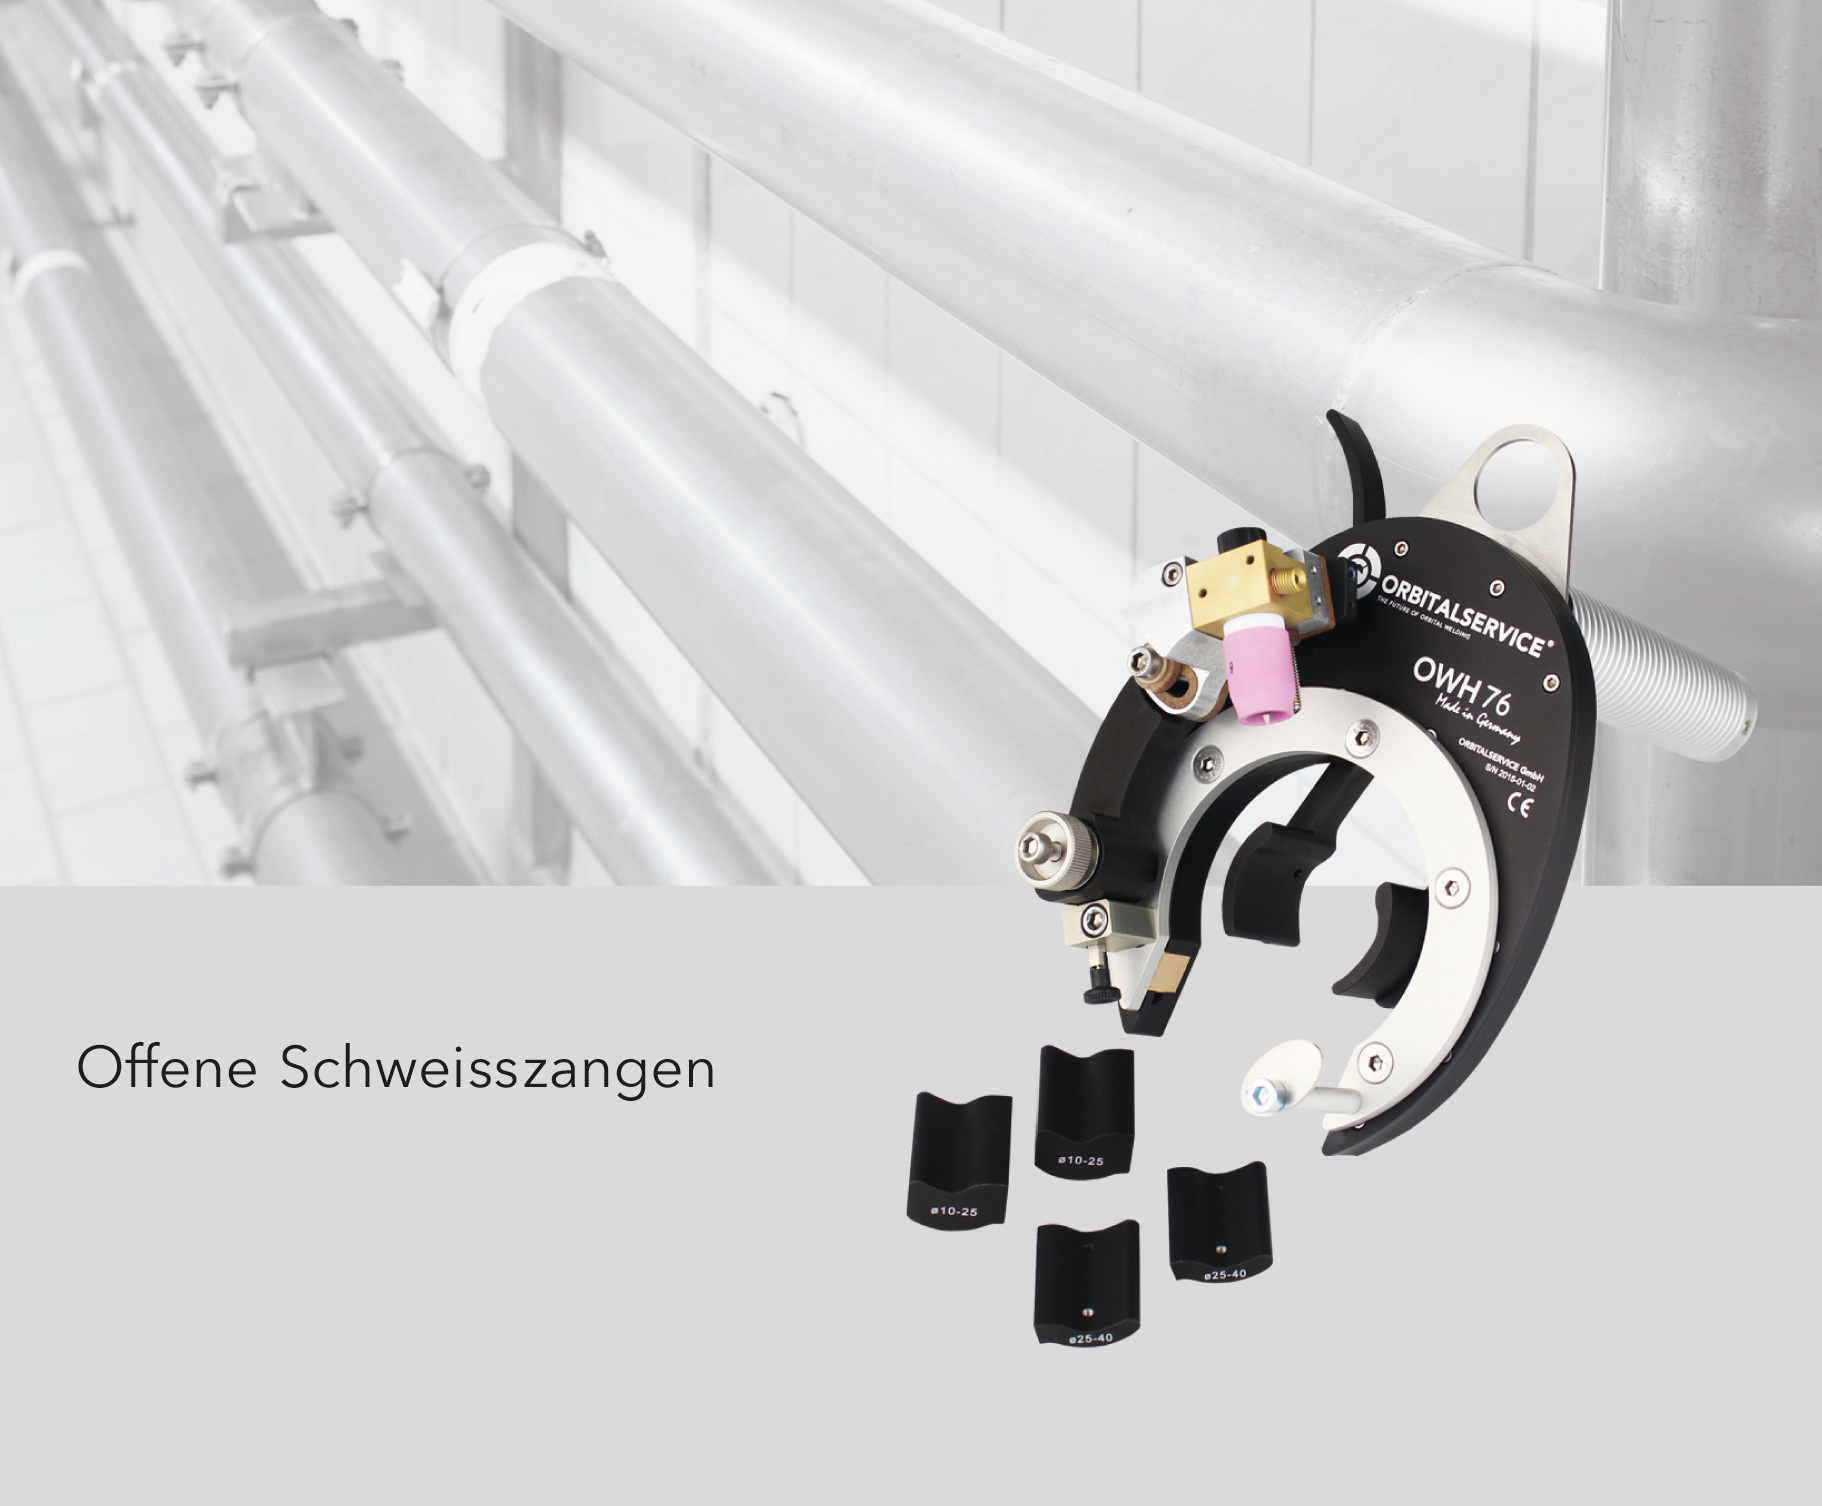 offene Schweisszange